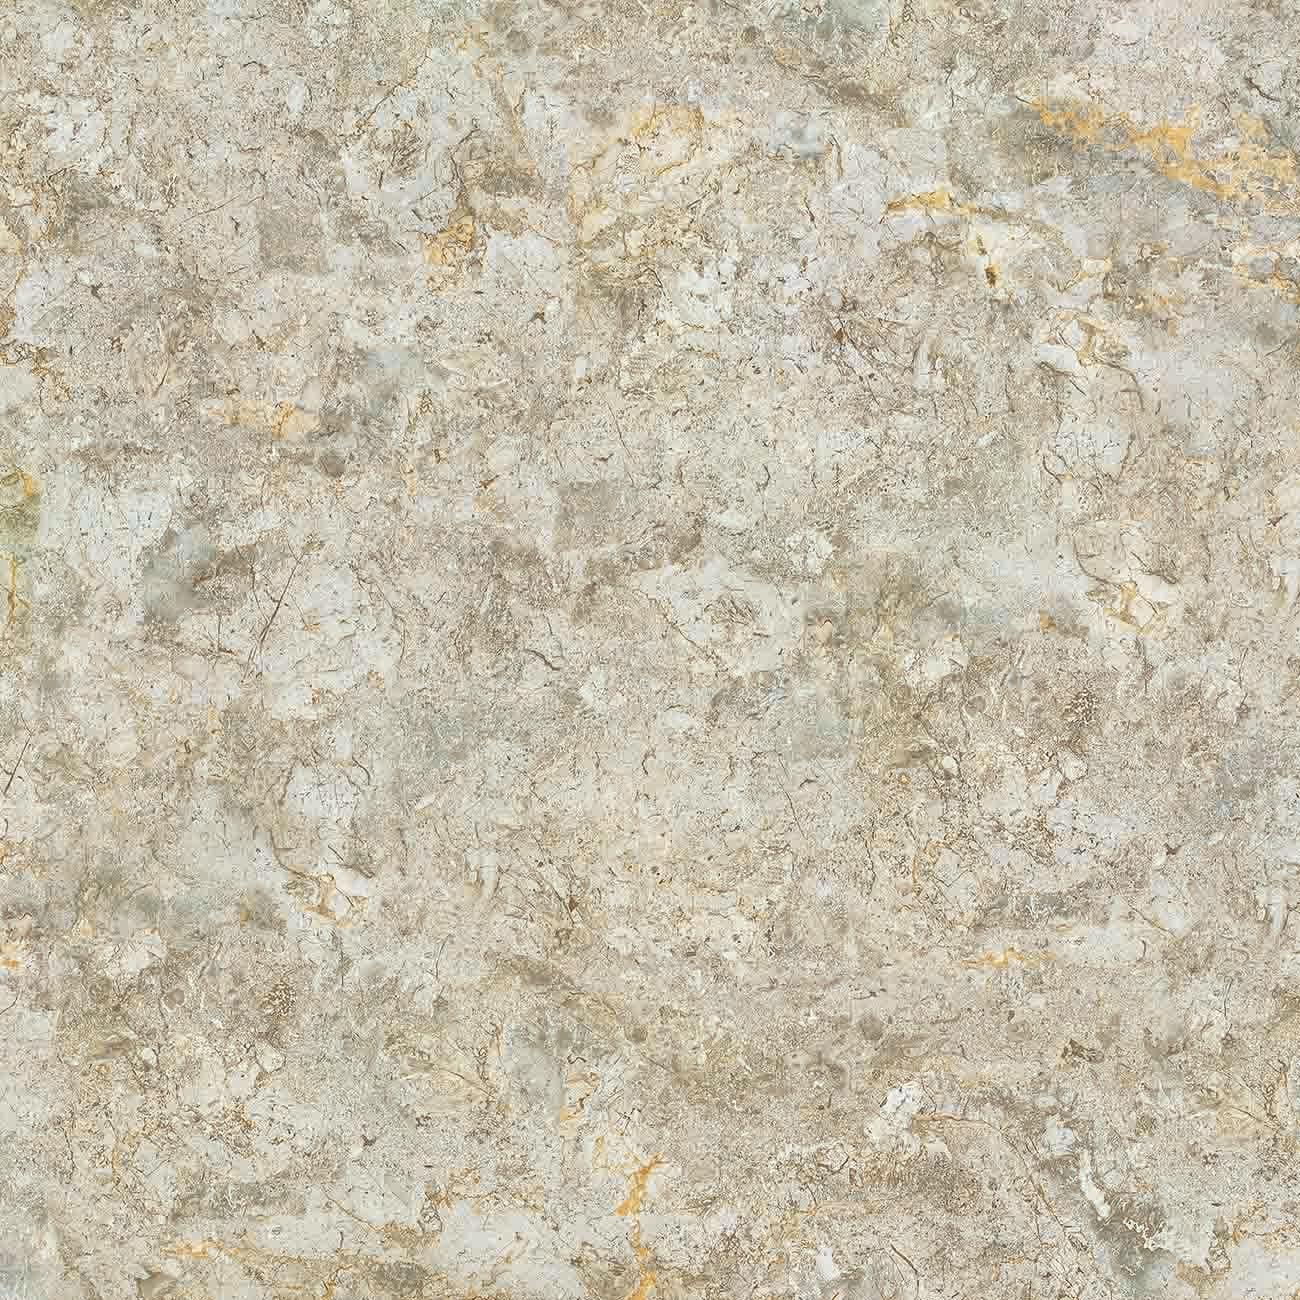 Foto de azulejo de m rmol baldosas de piedra del azulejo for Azulejo piedra